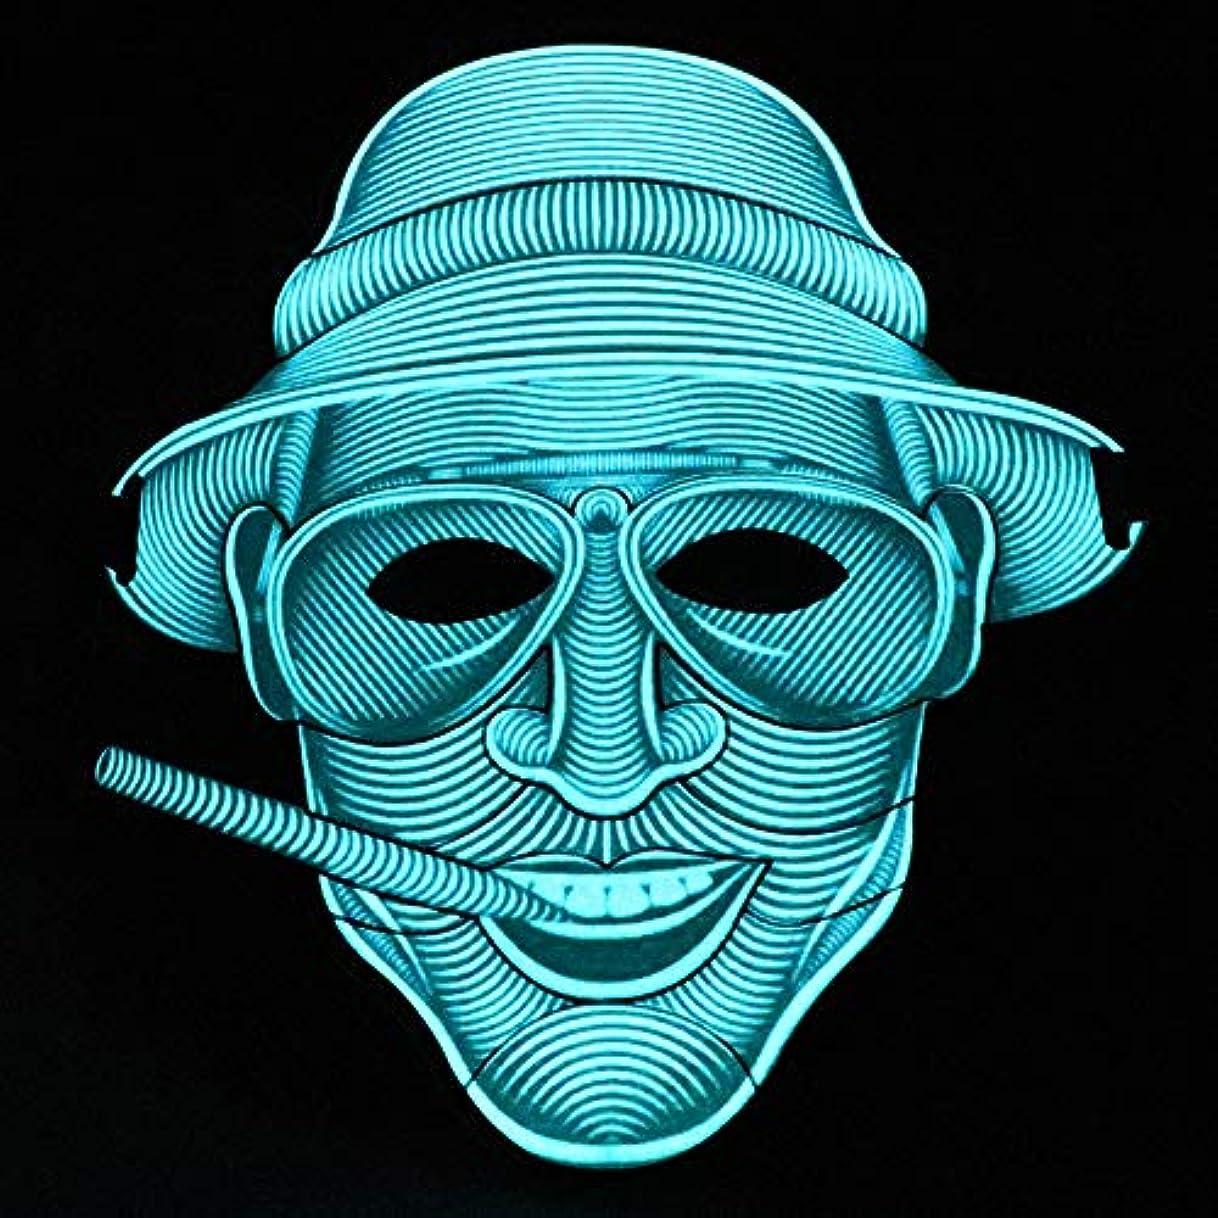 影響を受けやすいですダイヤル光景照らされたマスクLED創造的な冷光音響制御マスクハロウィンバーフェスティバルダンスマスク (Color : #12)